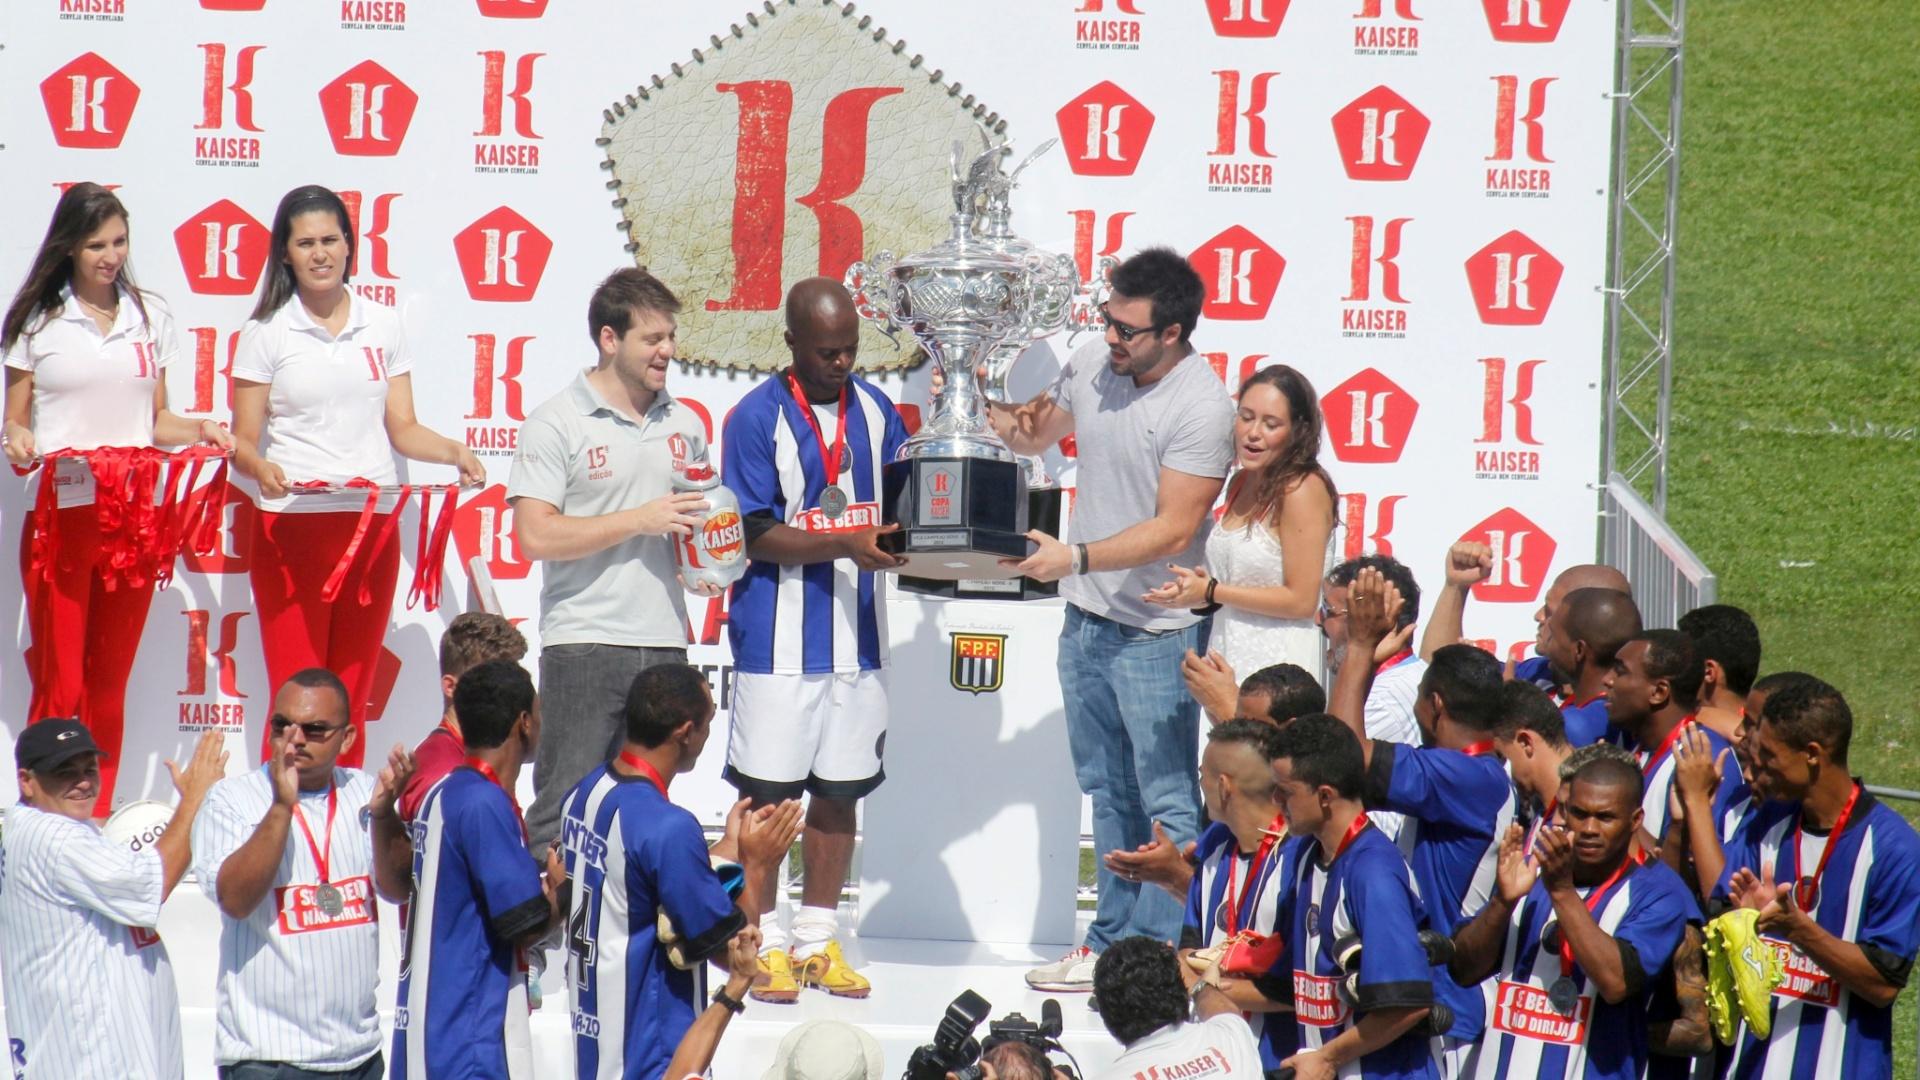 Jogadores do Inter levantam troféu de vice-campeão após perder nos pênaltis por 4 a 3 na final série B da Copa Kaiser 2012